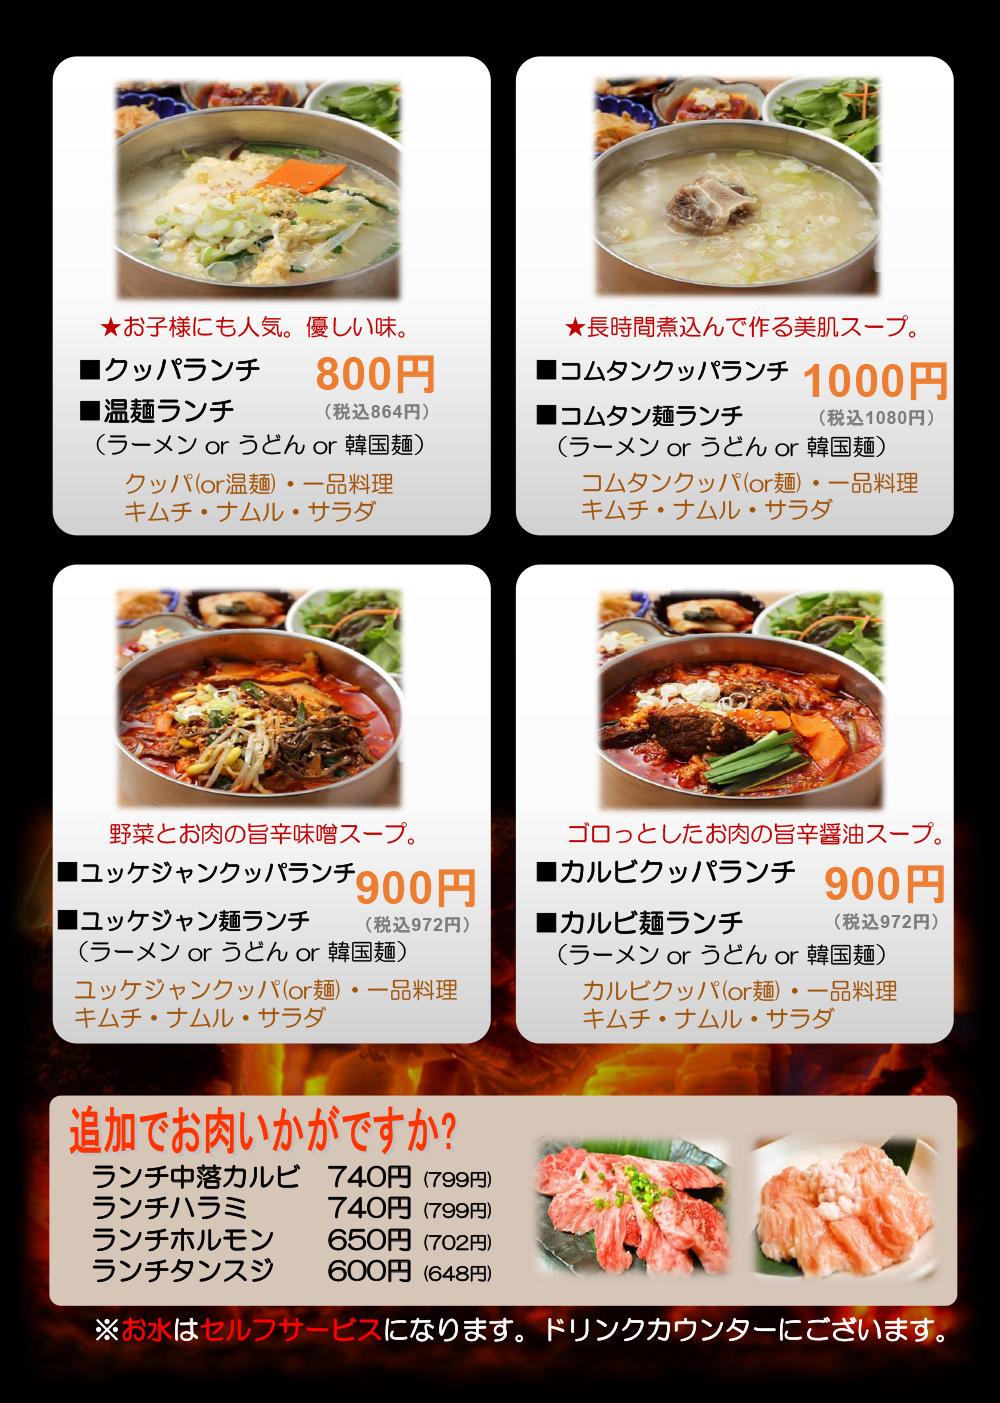 新浦安駅前 MONA店ランチメニュー3